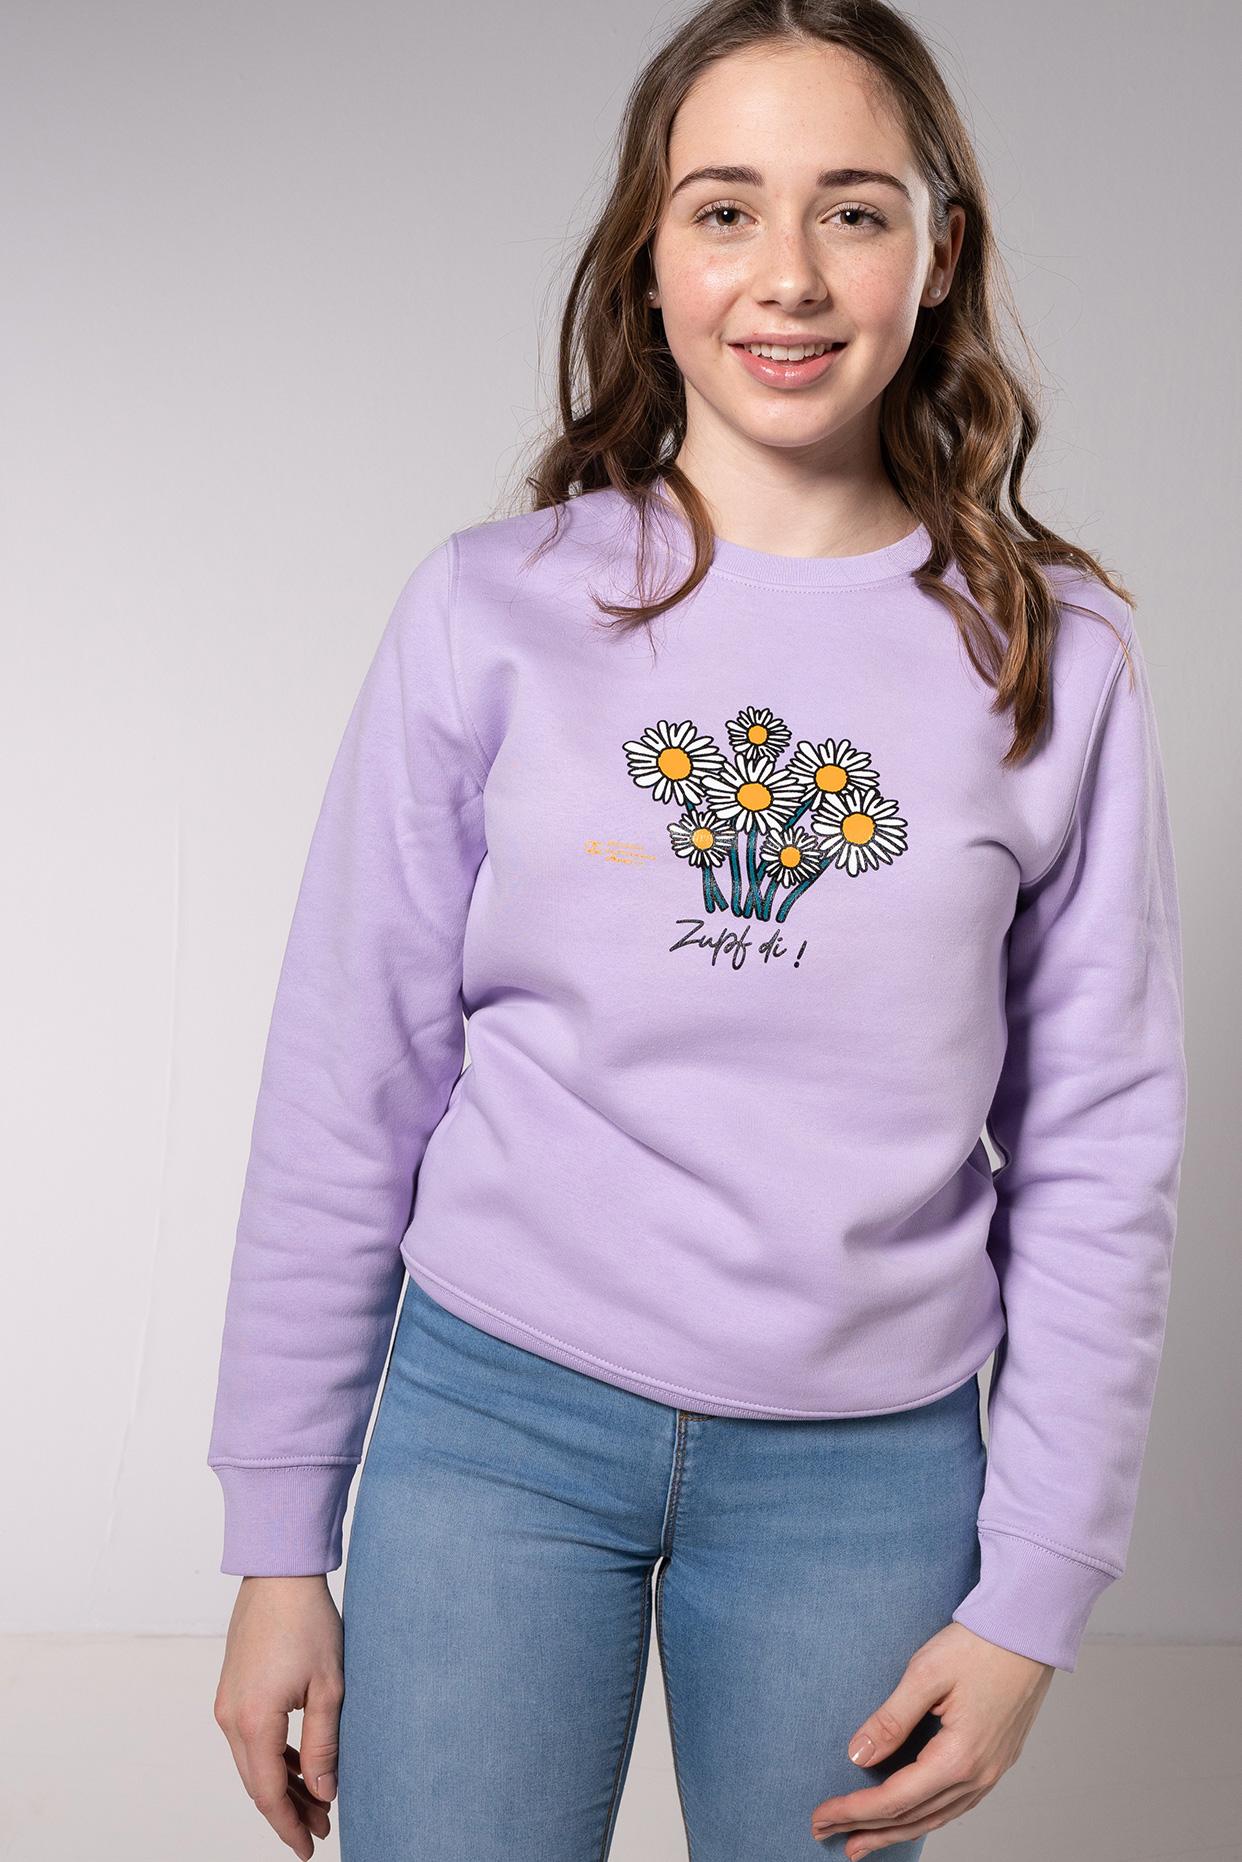 Zupf di Unisex Sweater